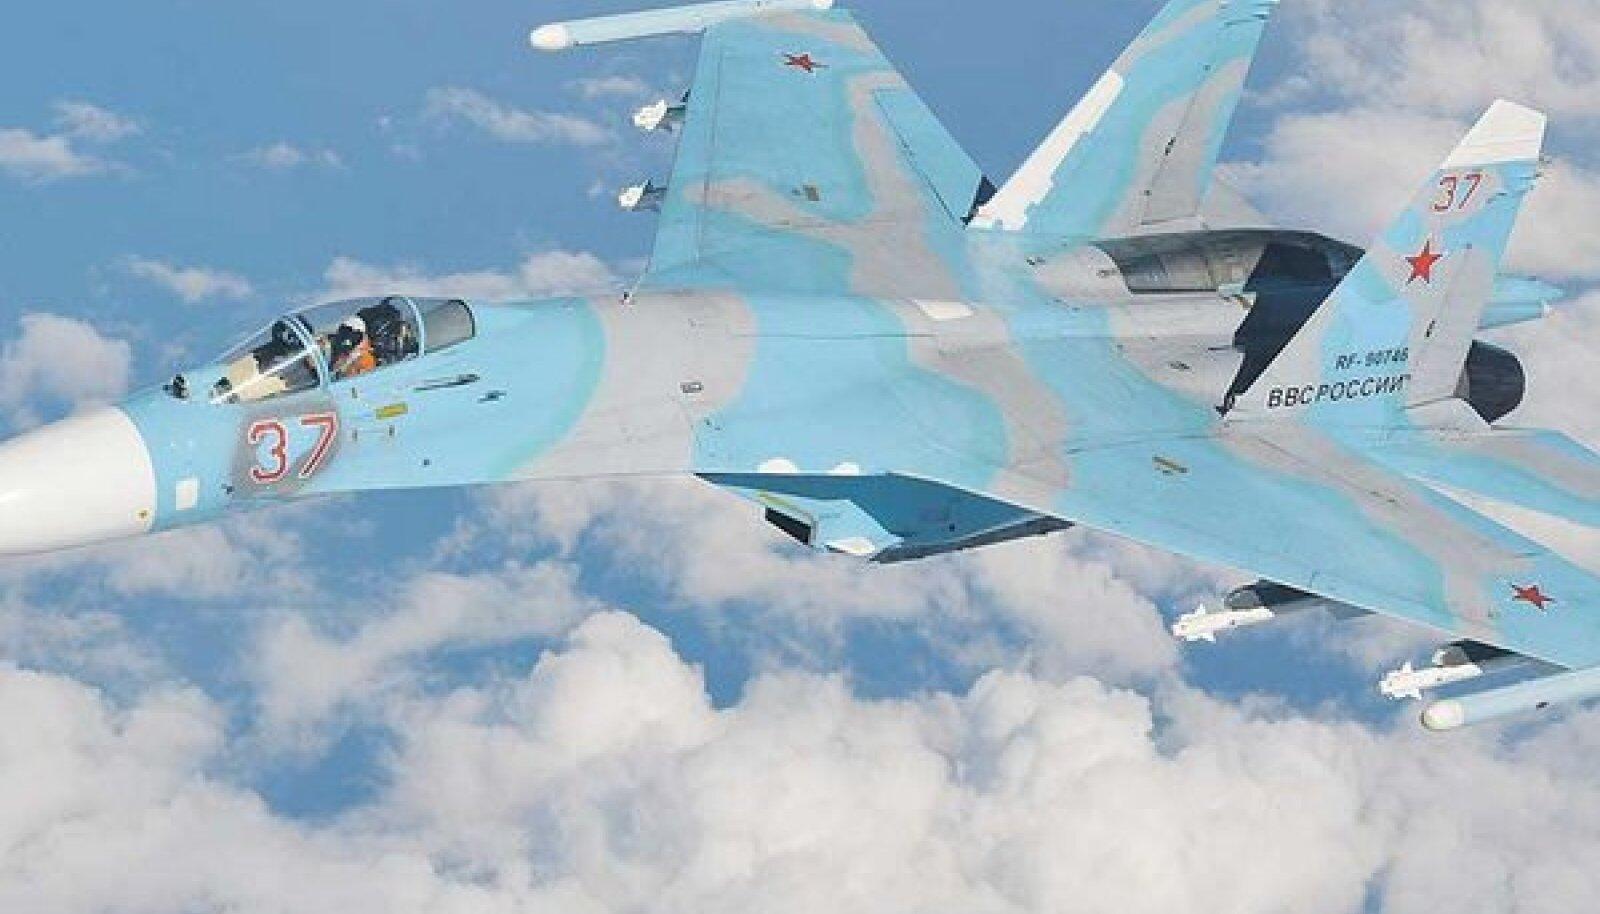 Vene hävitaja Su-27 Flanker, üks Eesti õhuruumi lähedal pildile jäänud lennukitest